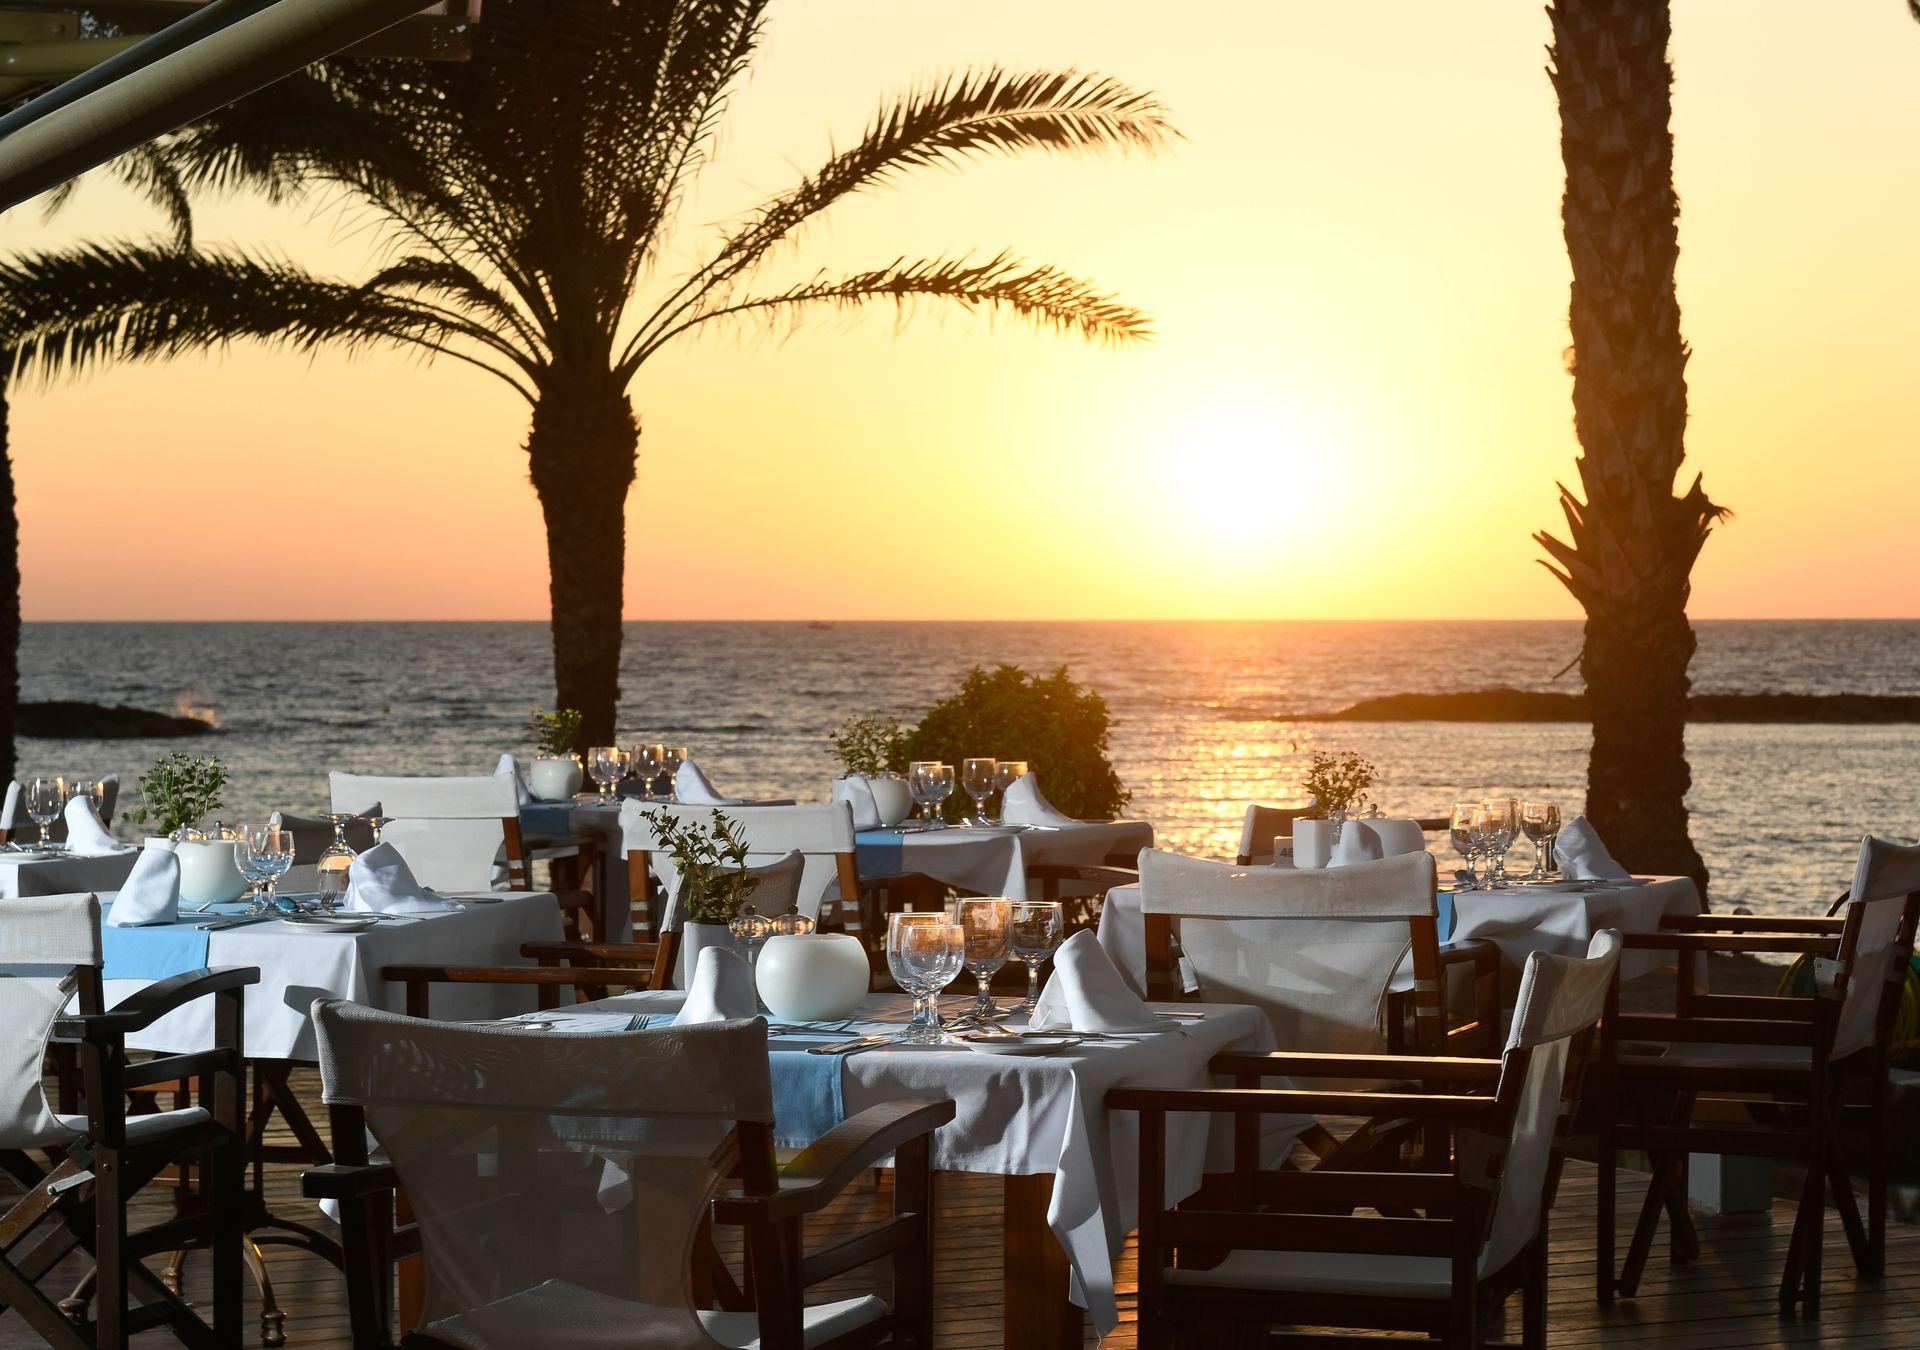 _13 pioneer beach hotel thalassa mediterranean restaurant 2_resized